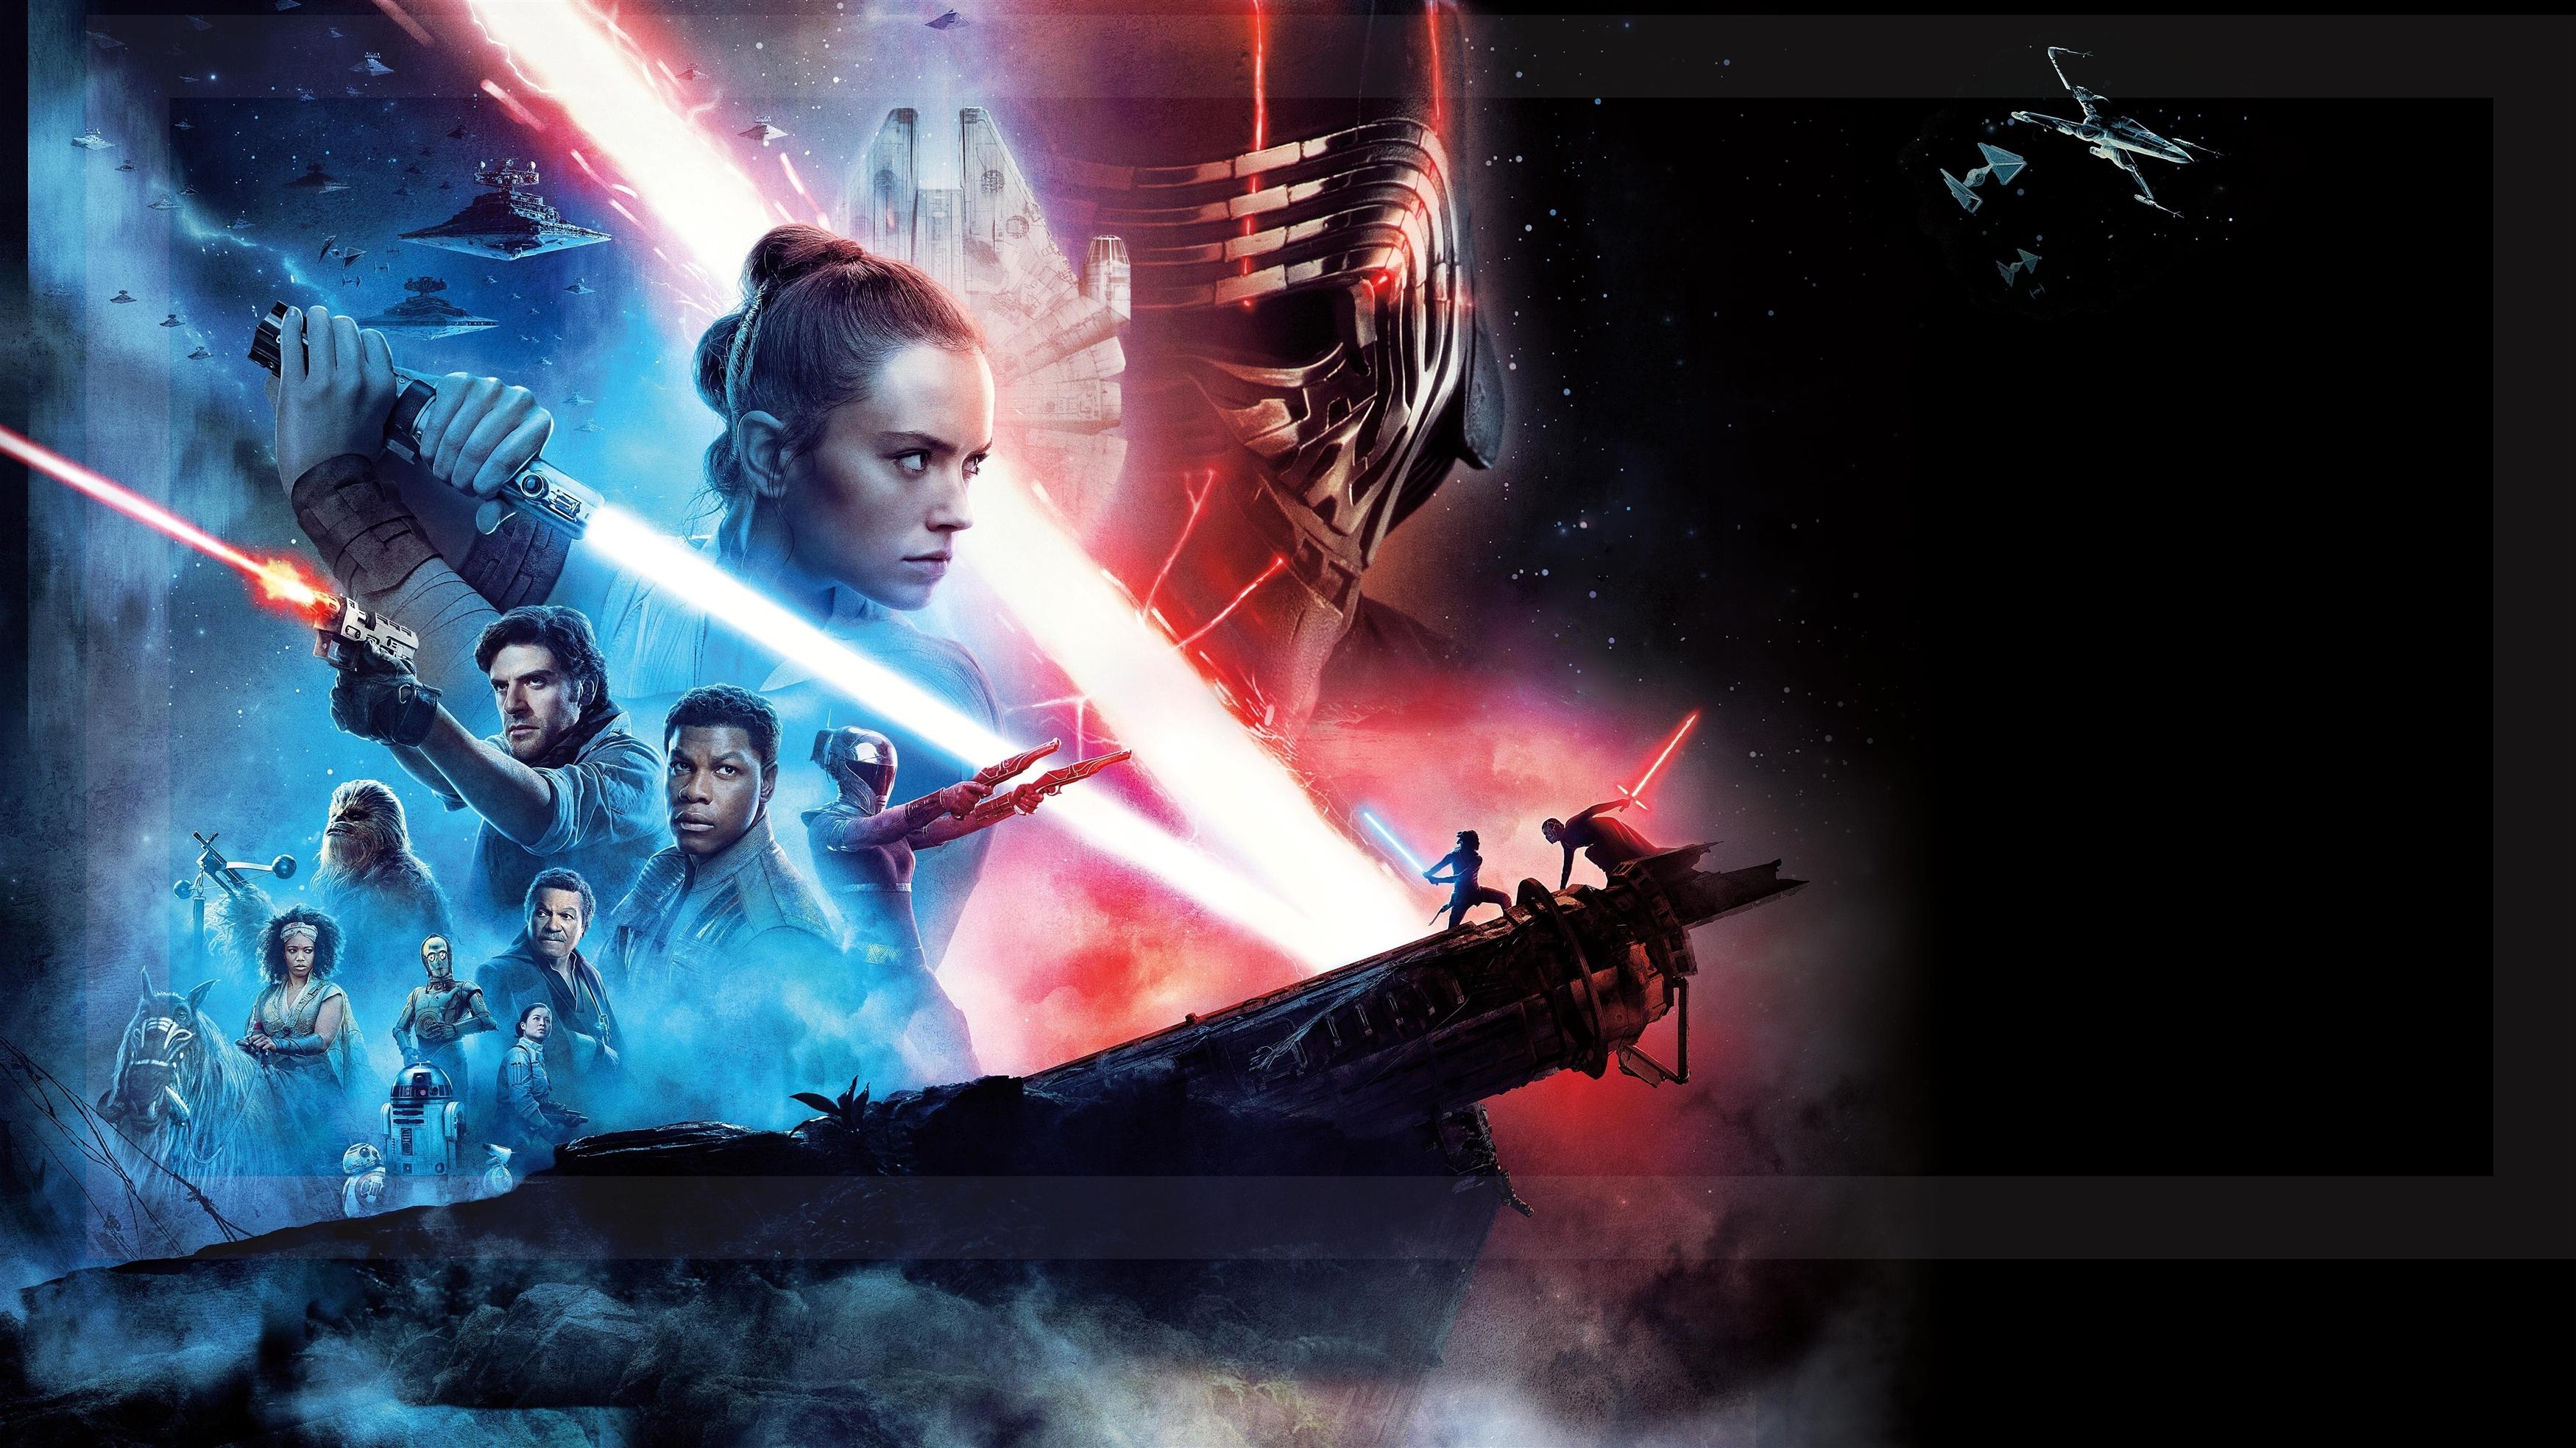 Звездные войны взлет Скайуокера 2020 обои скачать